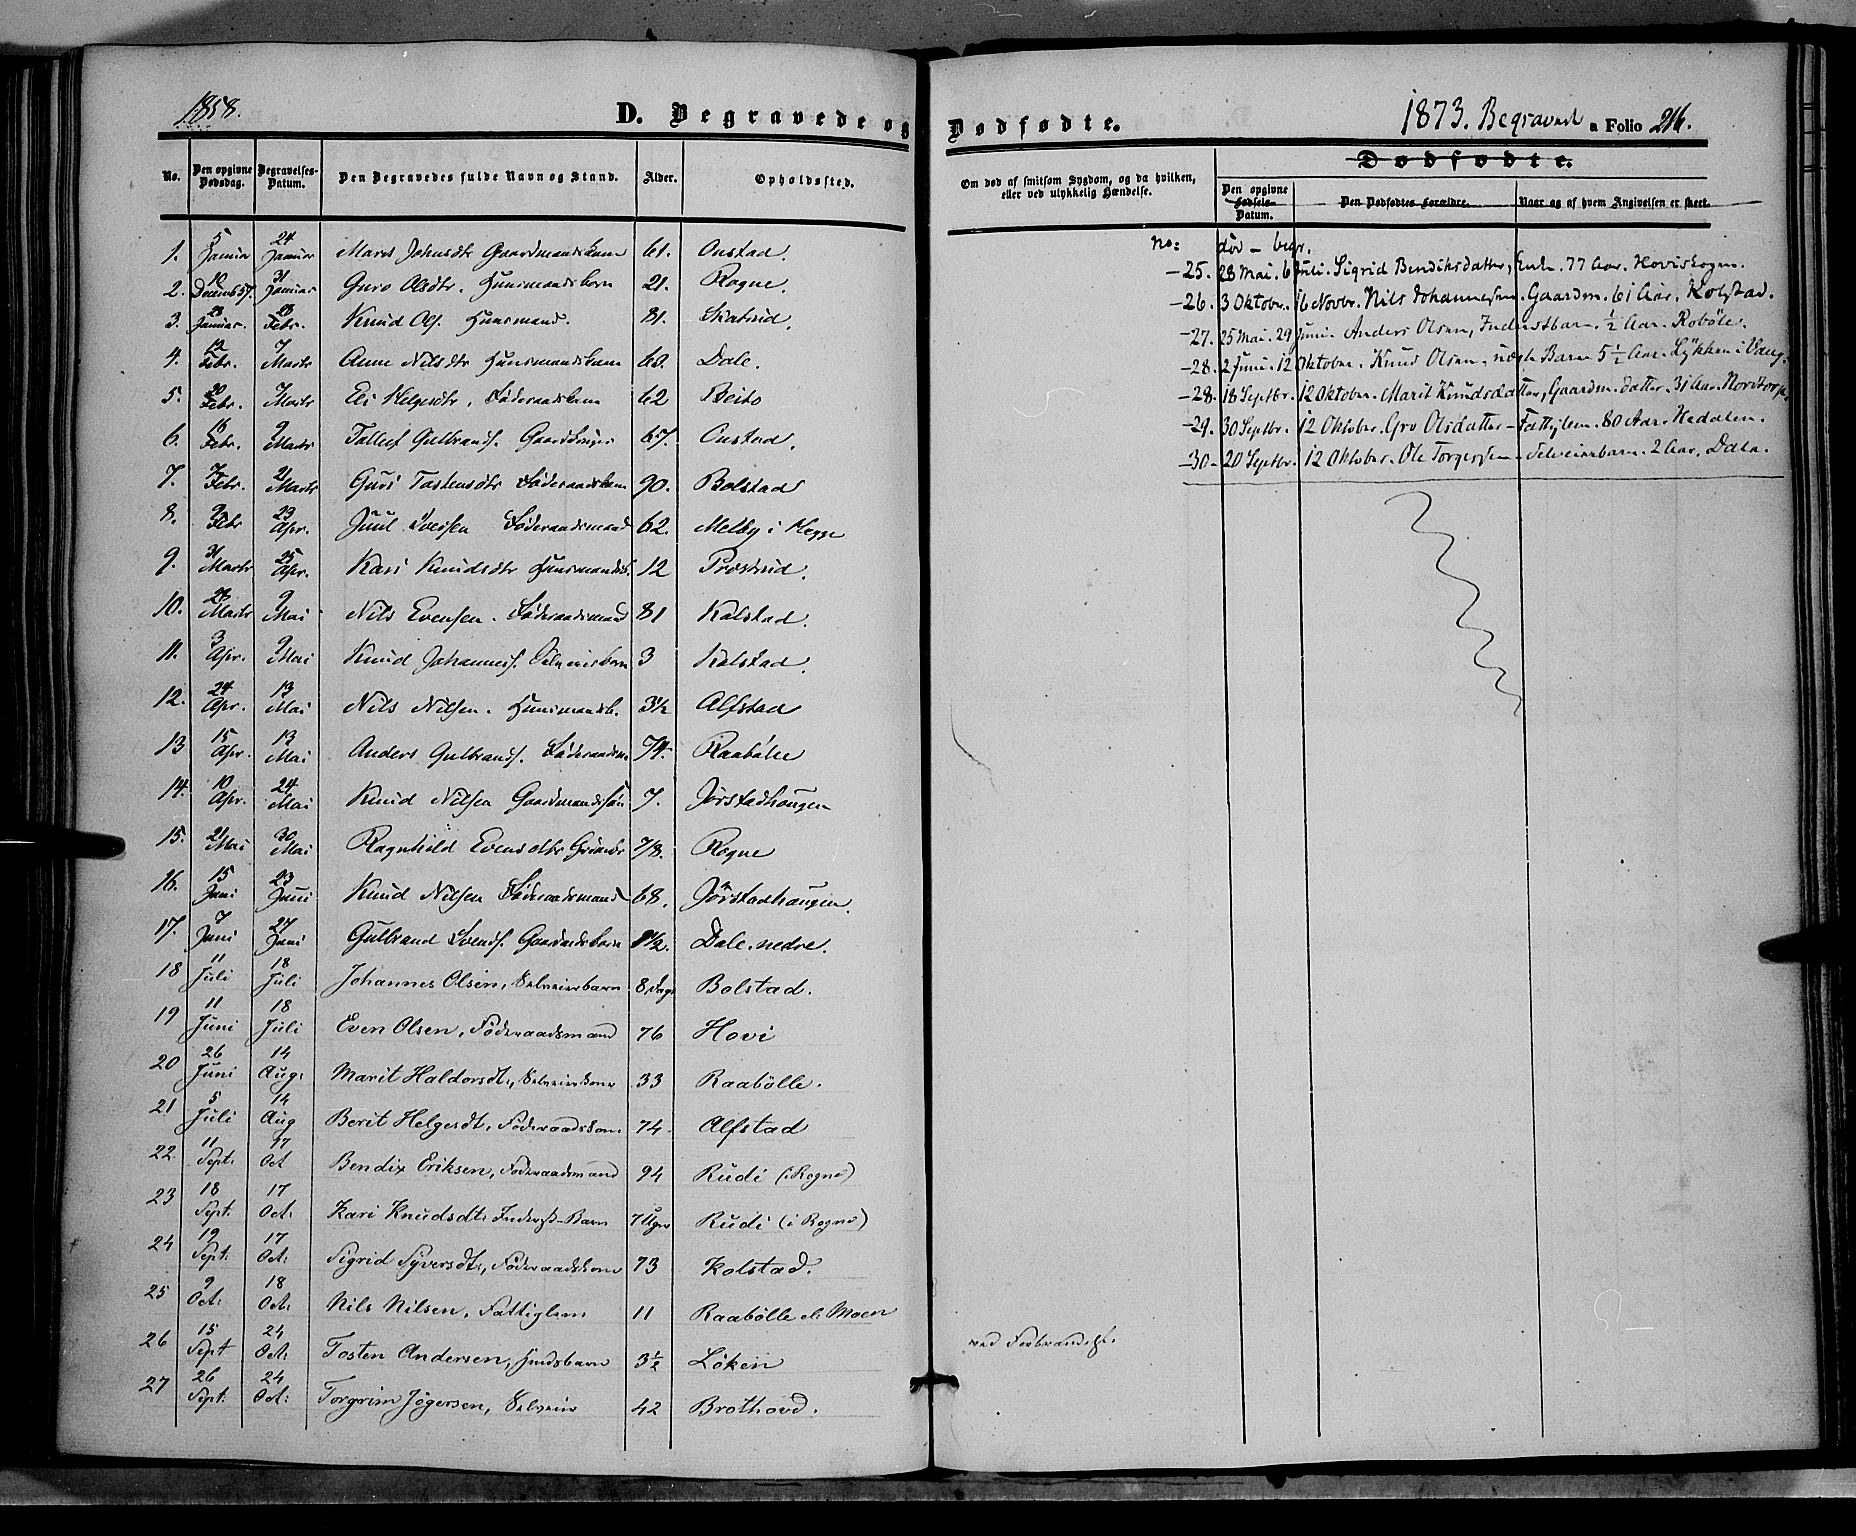 SAH, Øystre Slidre prestekontor, Ministerialbok nr. 1, 1849-1874, s. 216